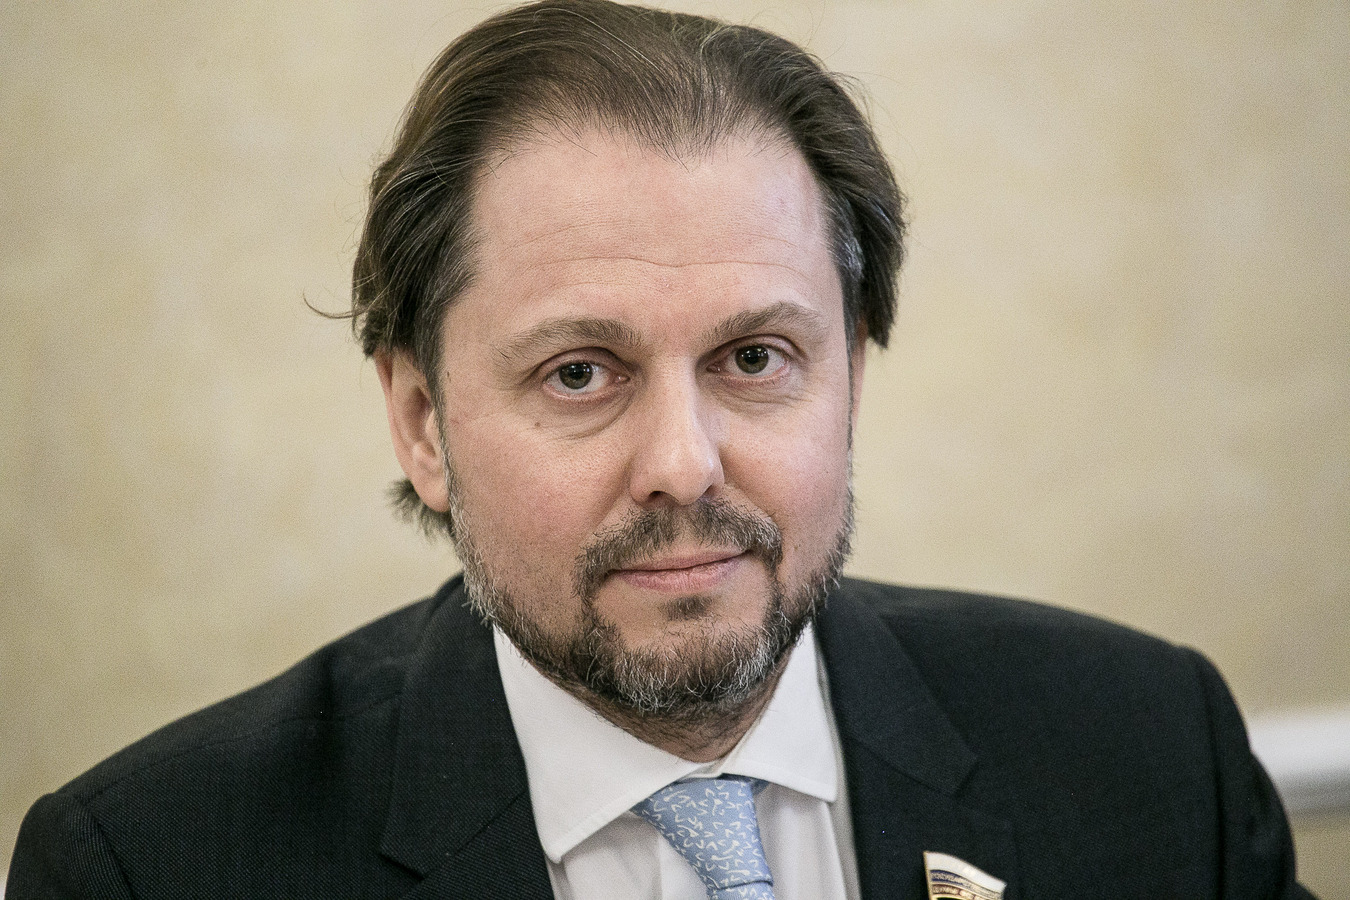 ПФР лишить поездок за границу, а деньги отдать пенсионерам: Депутат Госдумы выступил с революционным предложением